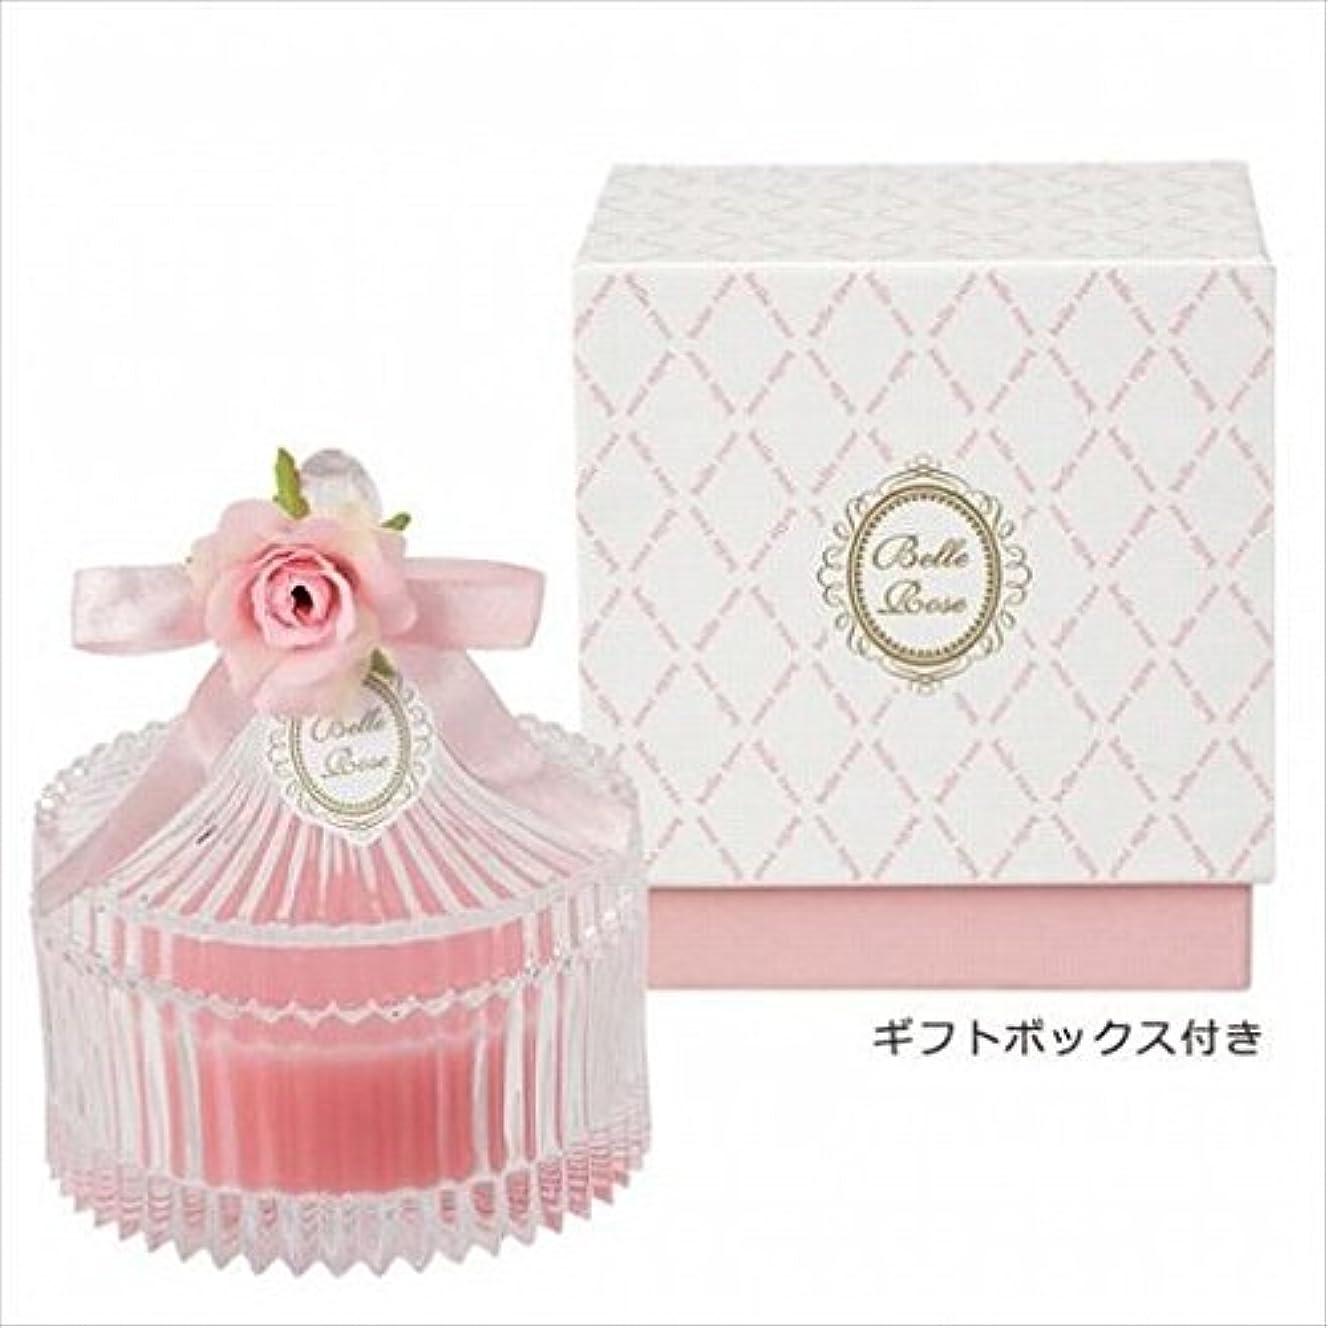 市長贅沢な番号kameyama candle(カメヤマキャンドル) ベルローズキャニスター 「 ピンク 」 キャンドル(A5920500PK)